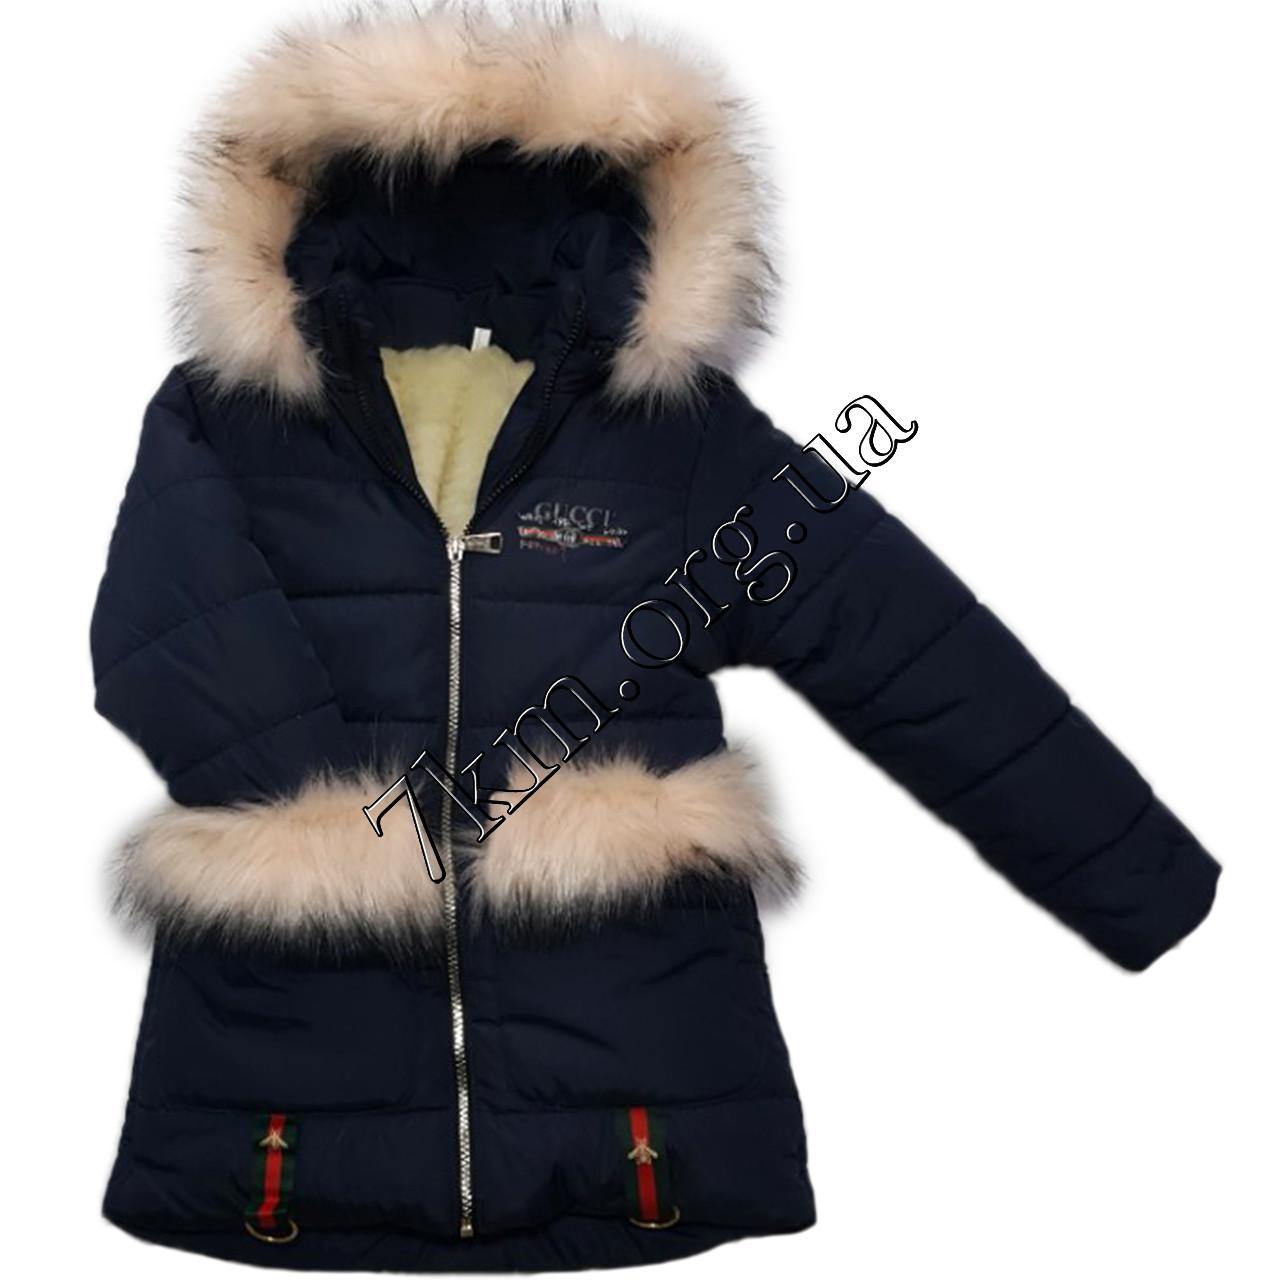 ac4d6356623b4 Куртка детская на меху для девочек Реплика